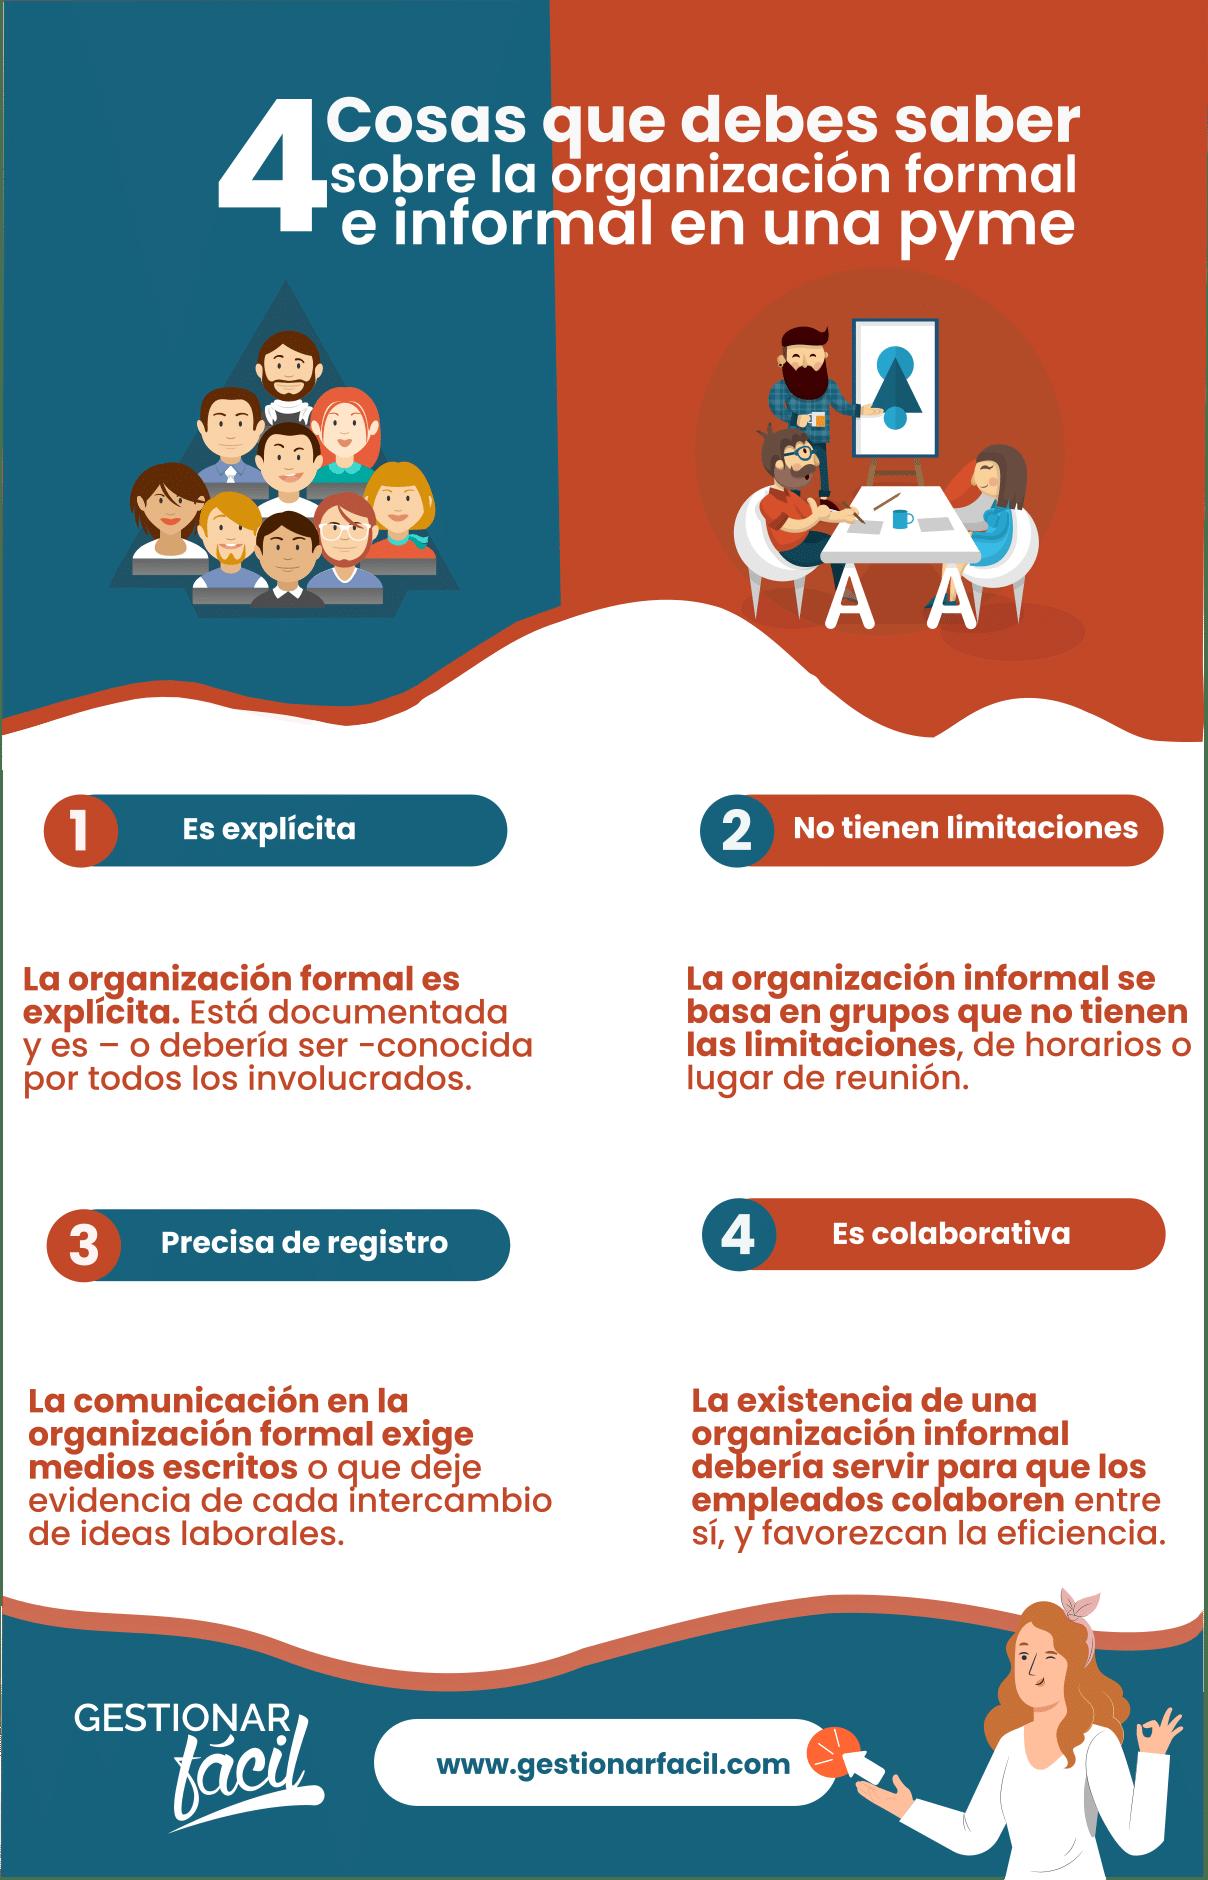 ¿Cómo es la organización formal e informal en una pyme?